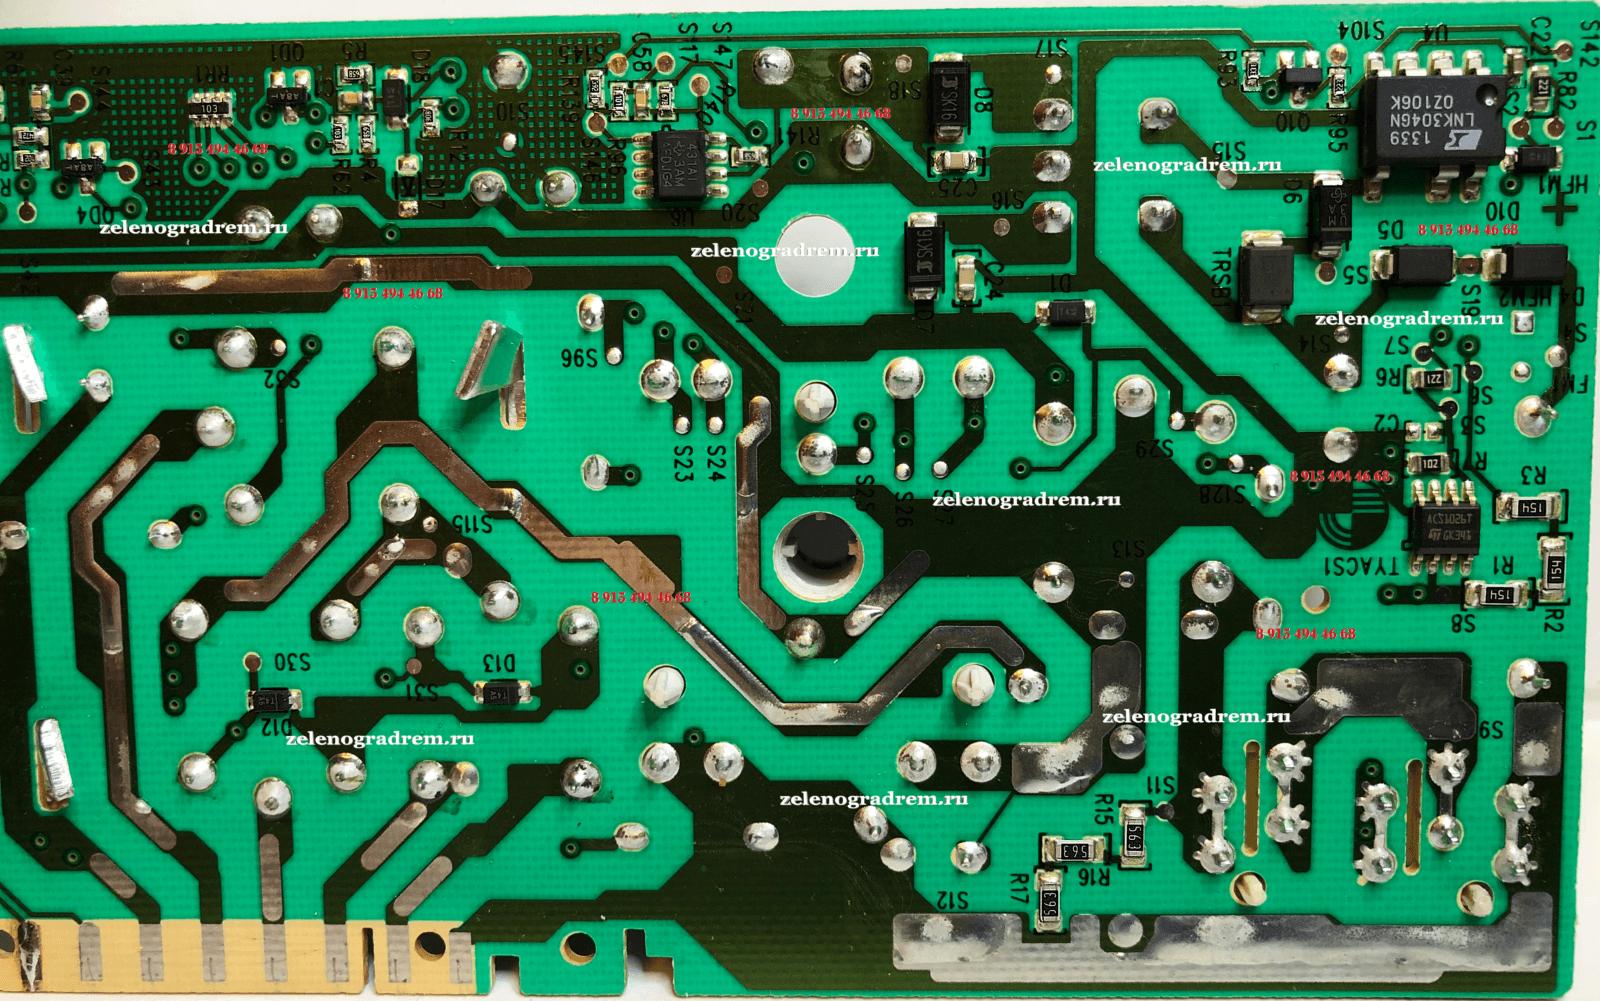 Электронный Силовой Блок Управления Стиральной Машины Zanussi